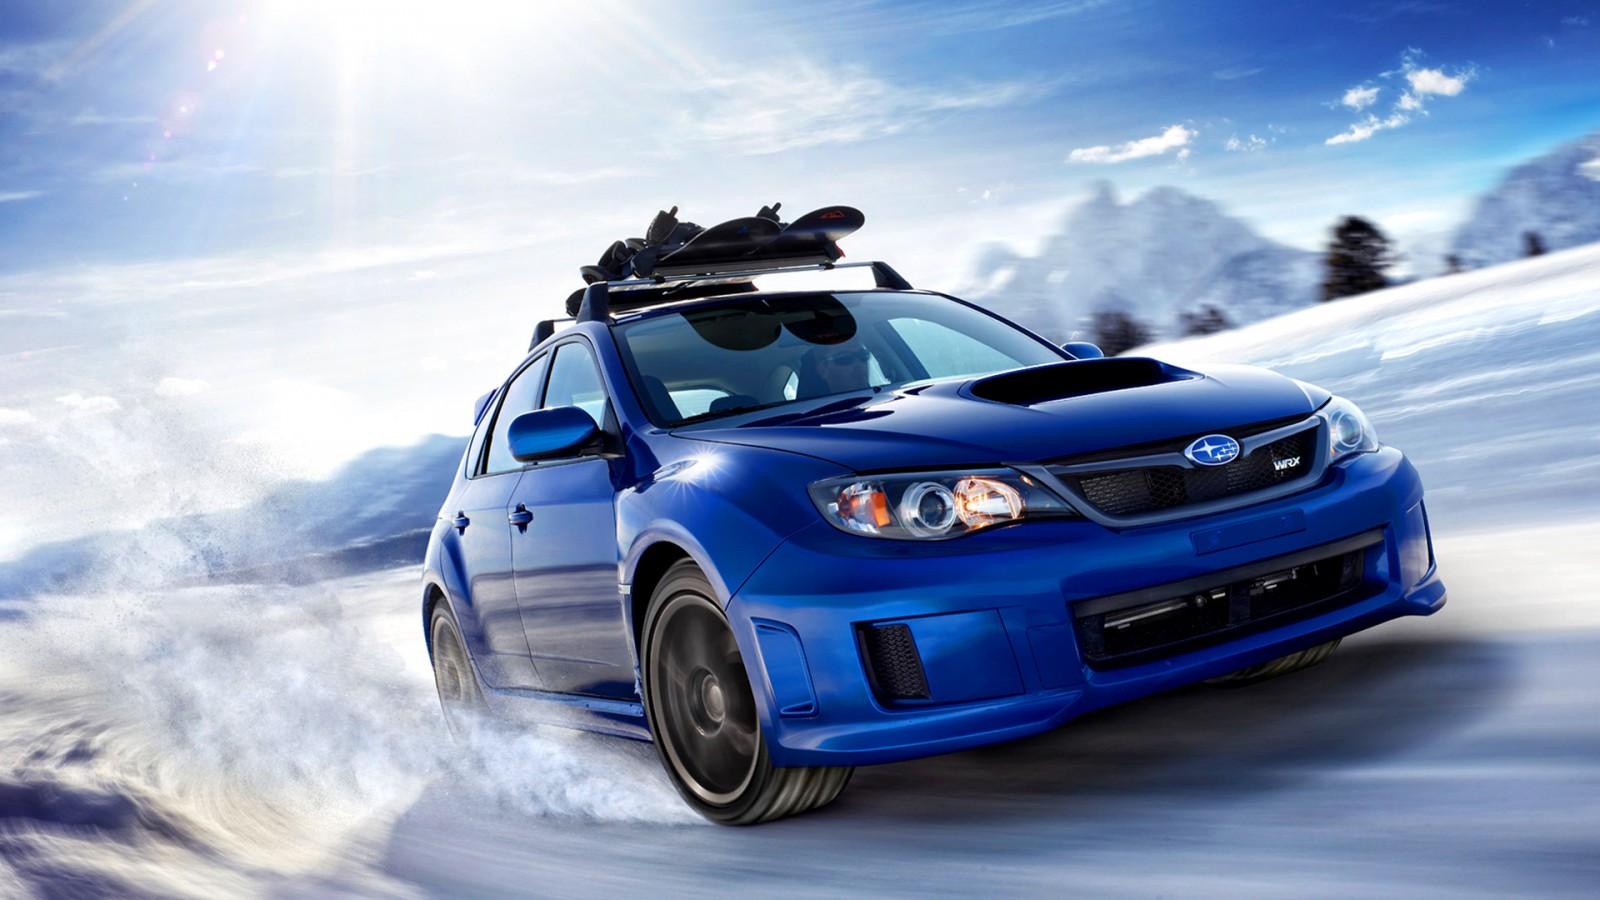 subaru impreza wrx sti snow with Subaru Snow on Bugeye Wrx as well Sstp 1104 2004 Subaru Impreza Wrx Sti in addition Subaru Impreza Wrx Sti Wallpaper in addition Subaru Impreza Gc8 Tuning Wrc Replica 3 together with 2016.